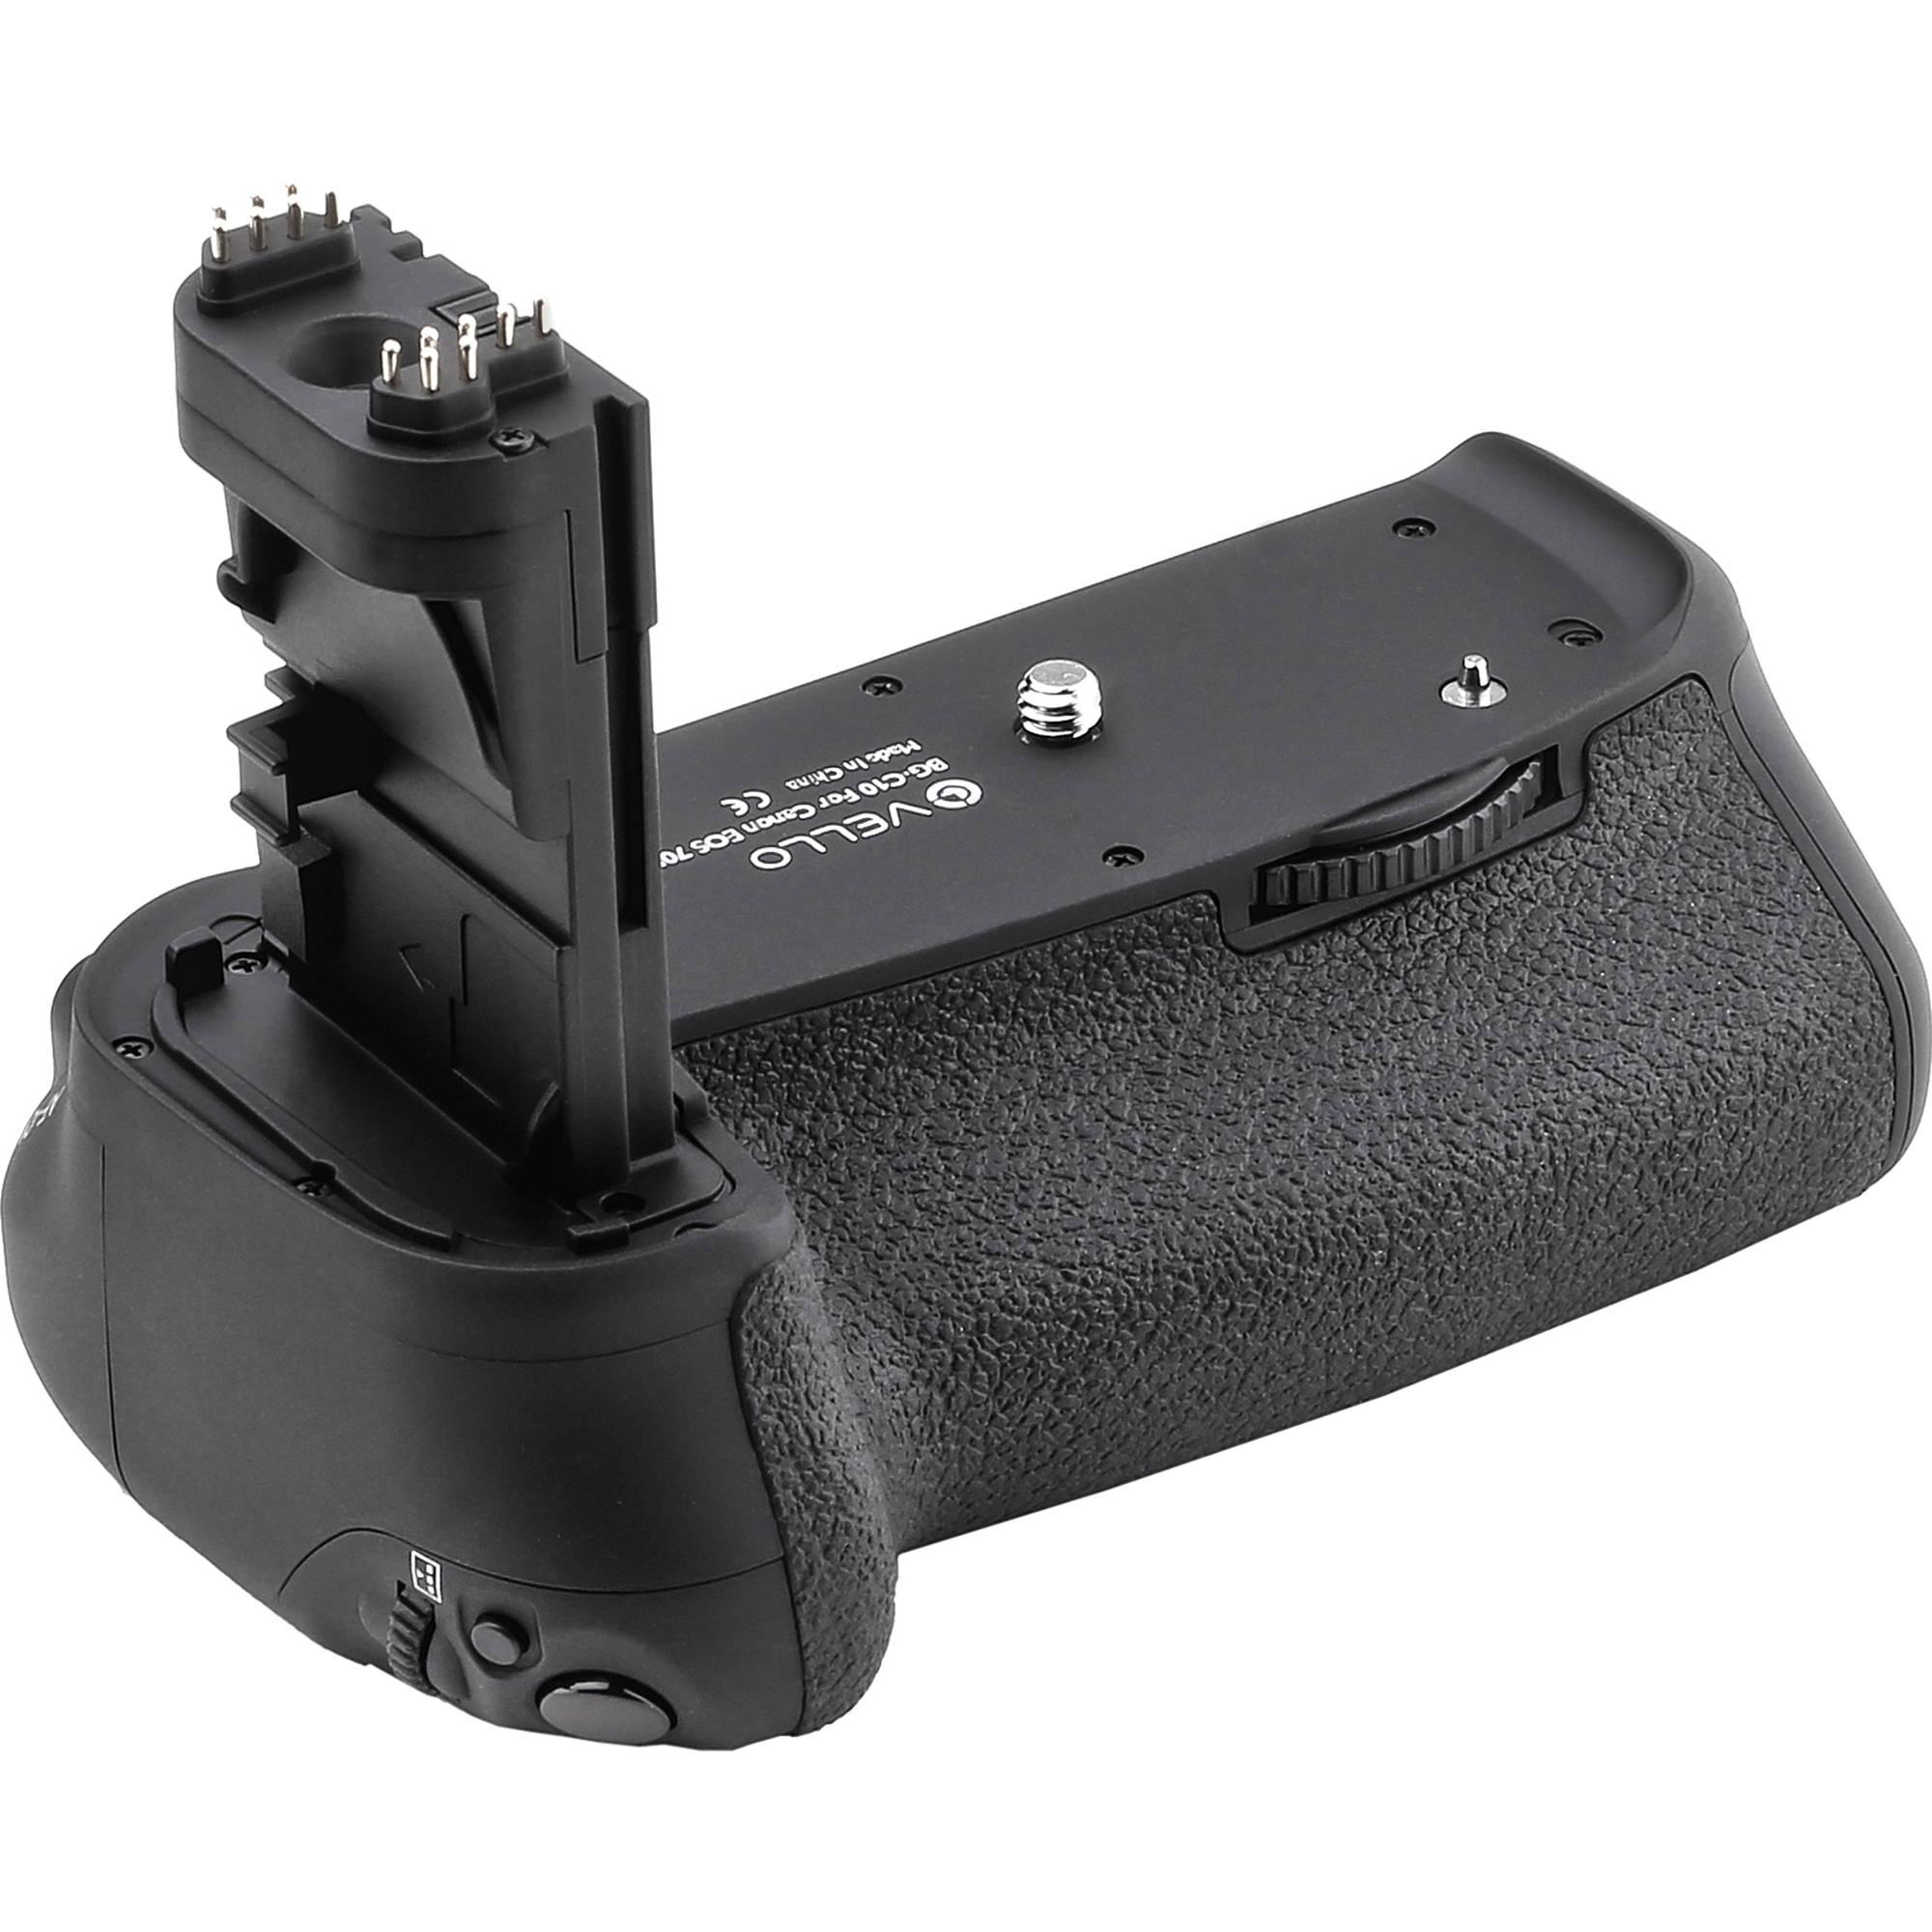 Vello BG-C10 Battery Grip for Canon 70D & 80D DSLR Camera